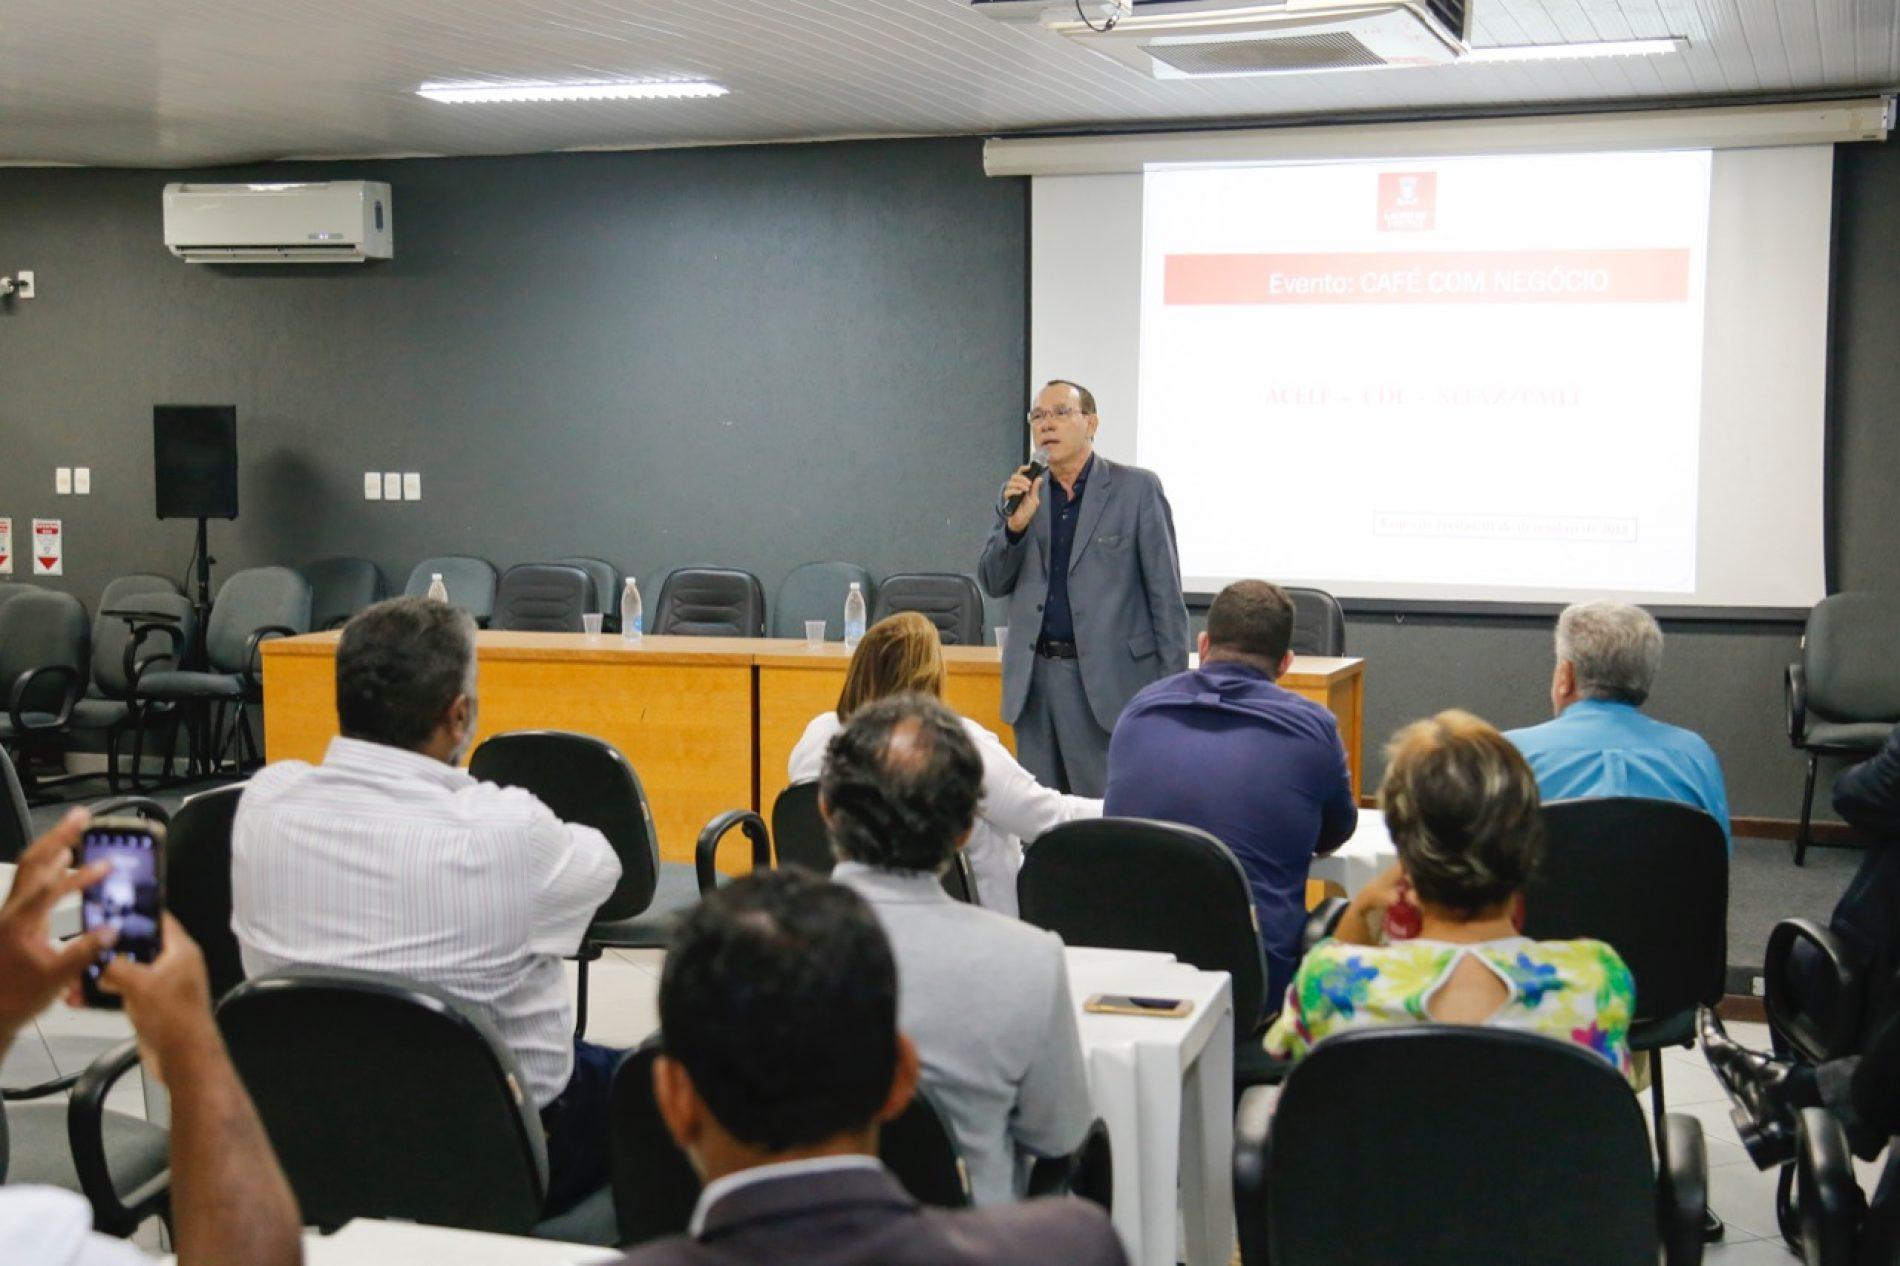 Secretário apresenta ações da SEFAZ ao segmento empresarial de Lauro de Freitas